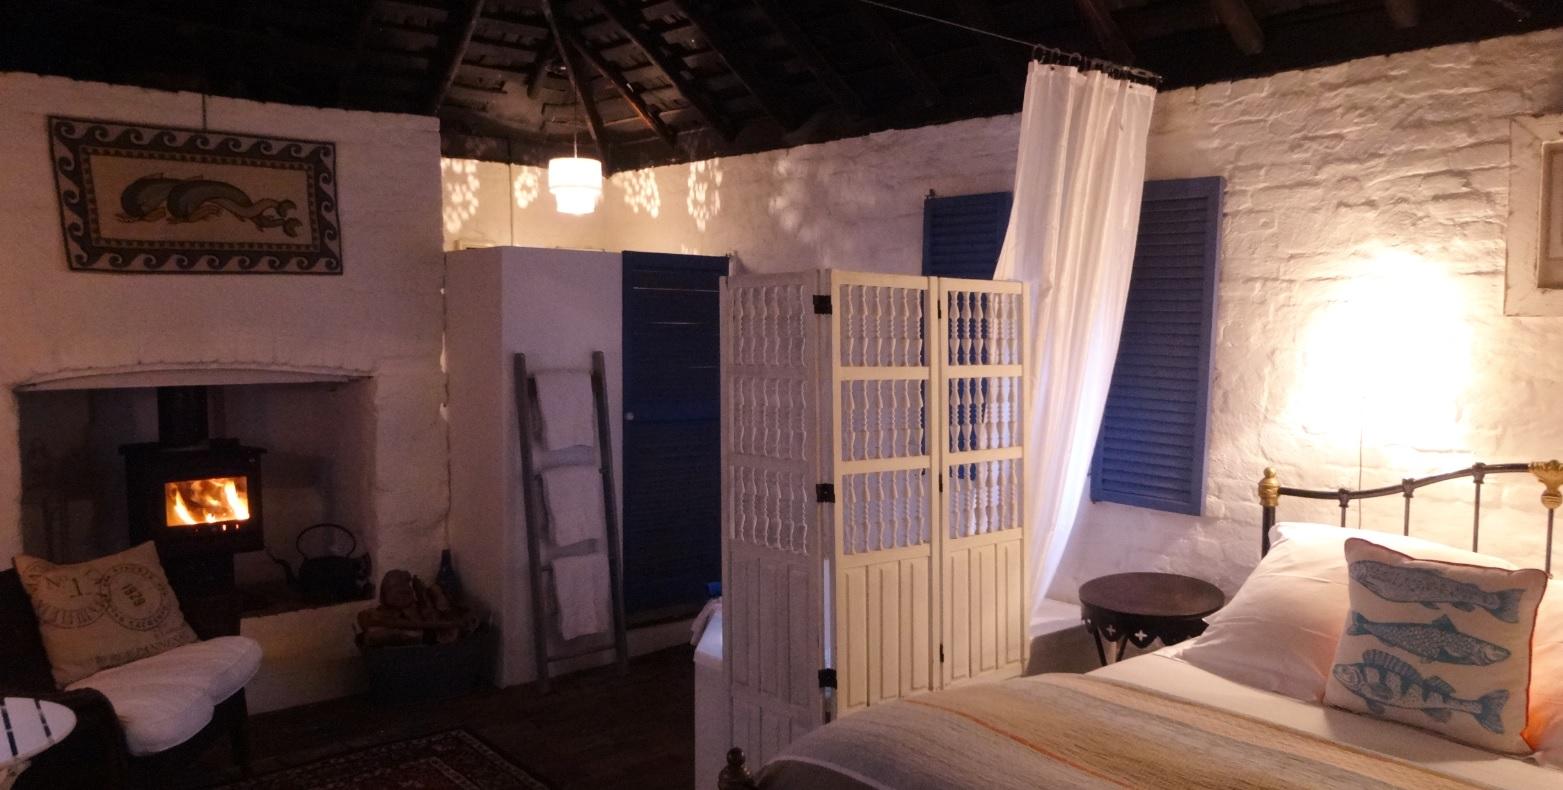 1466933332-Garden+Room+Globe+Inn+Yass+accommodation+fireside+rustic+resized.jpg-original